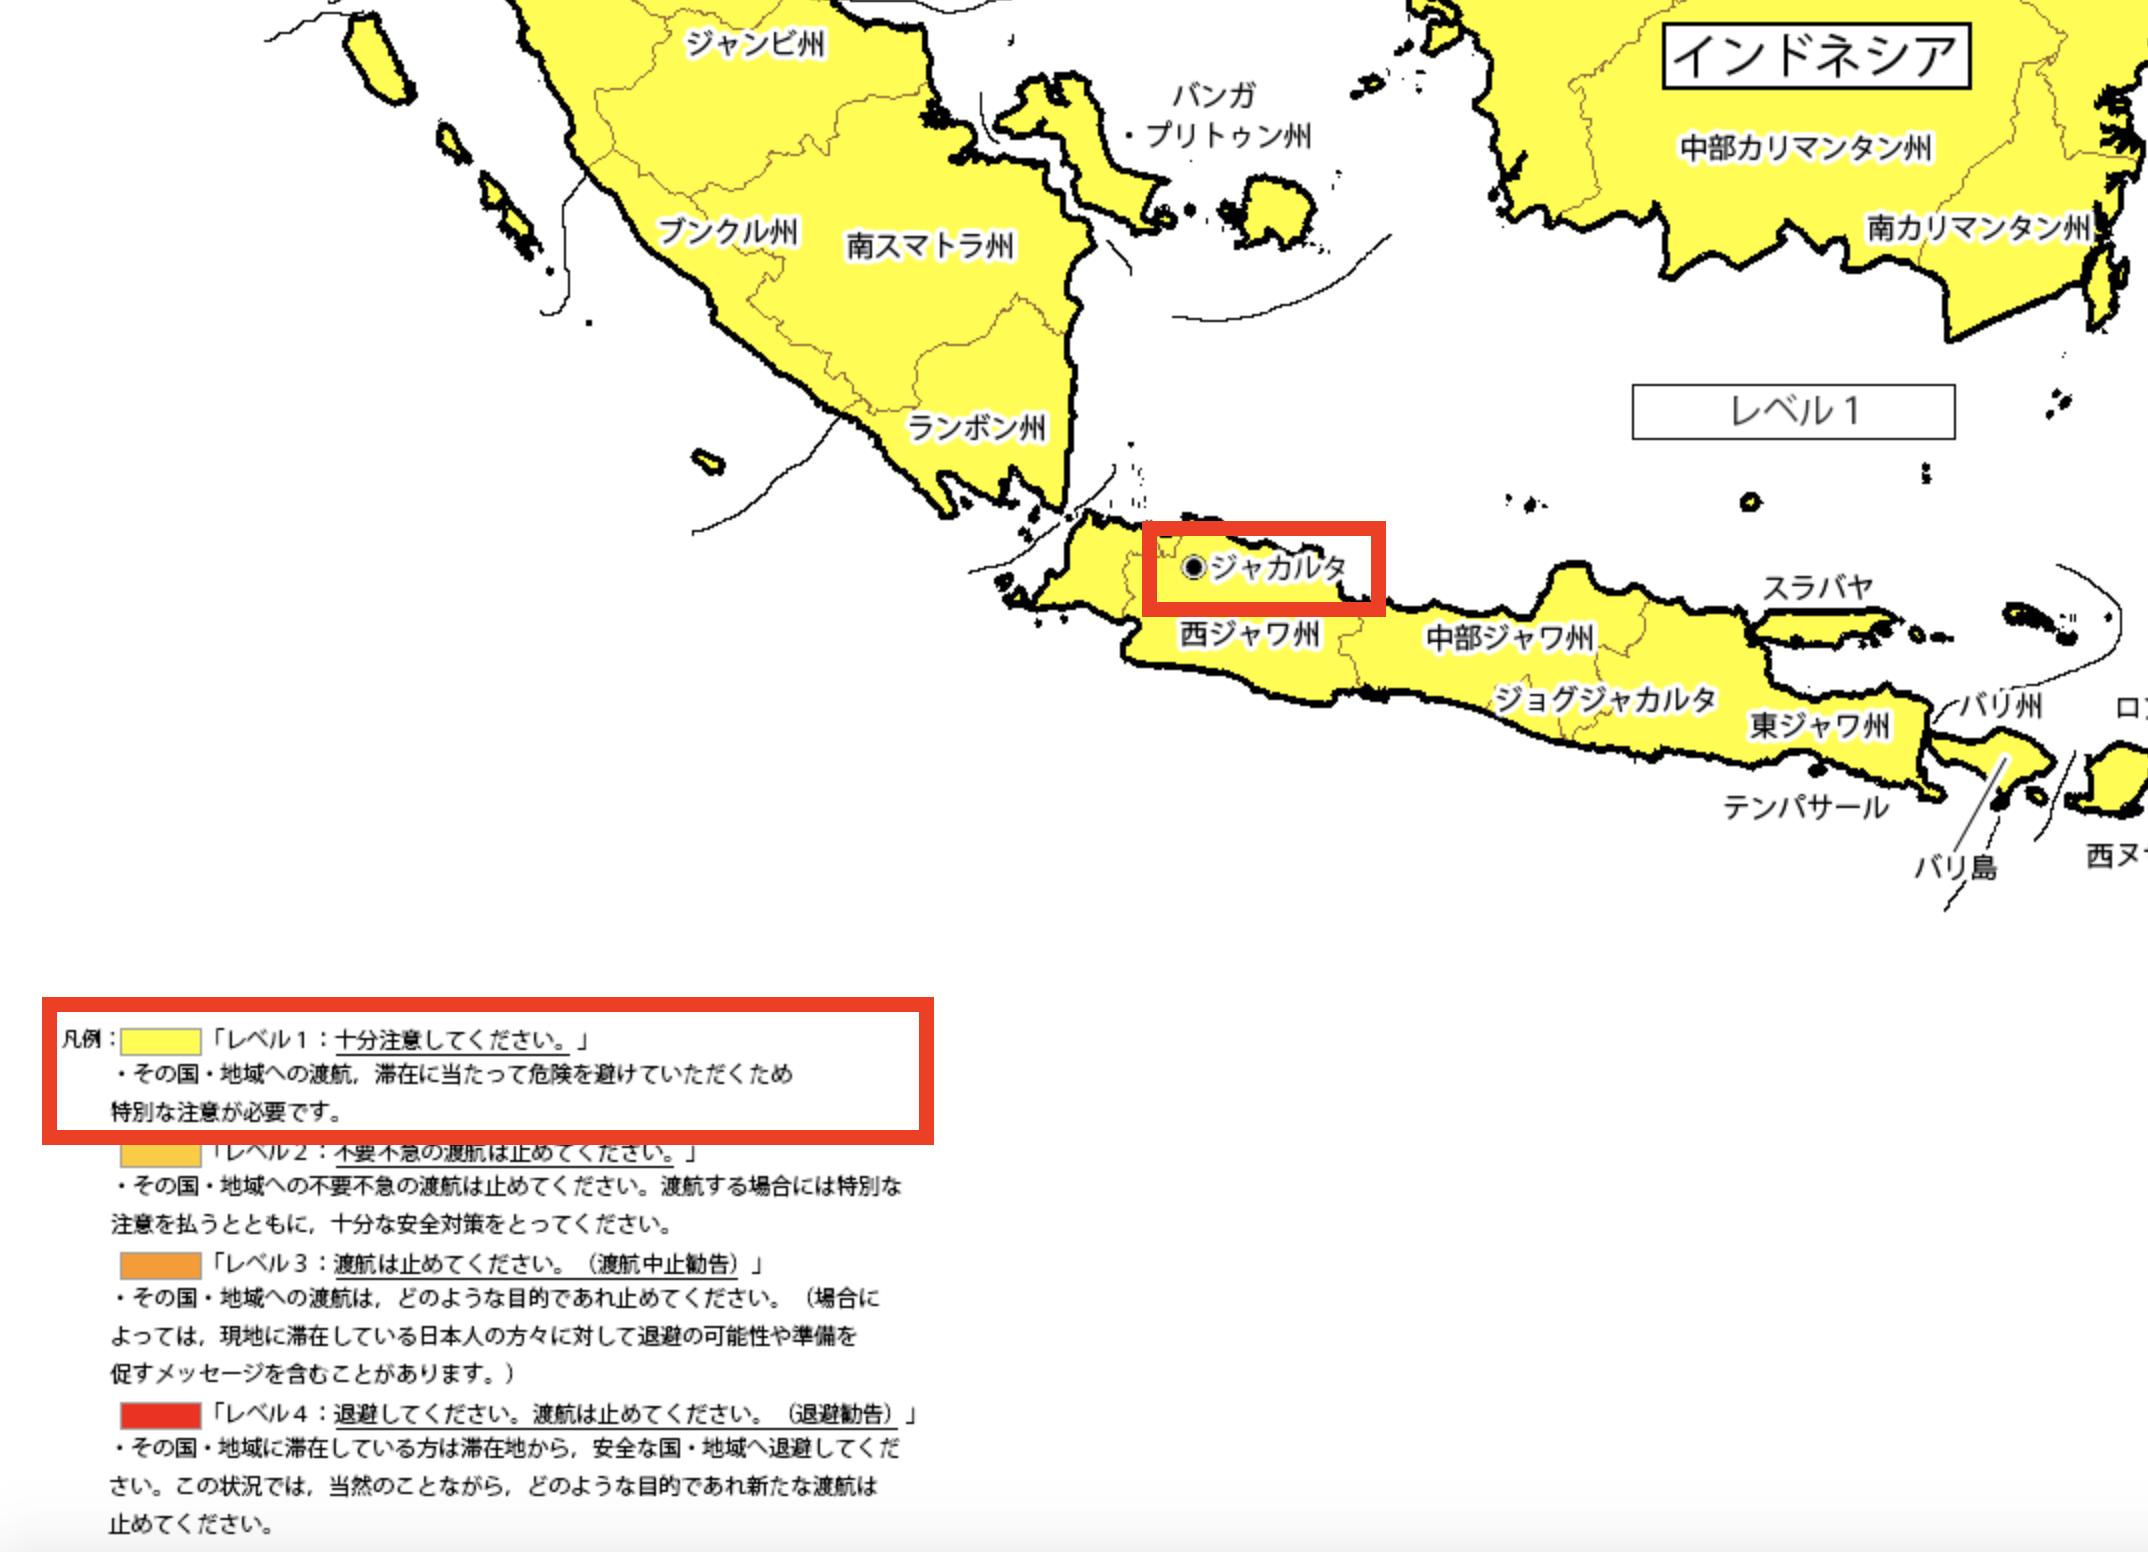 ジャカルタの渡航情報